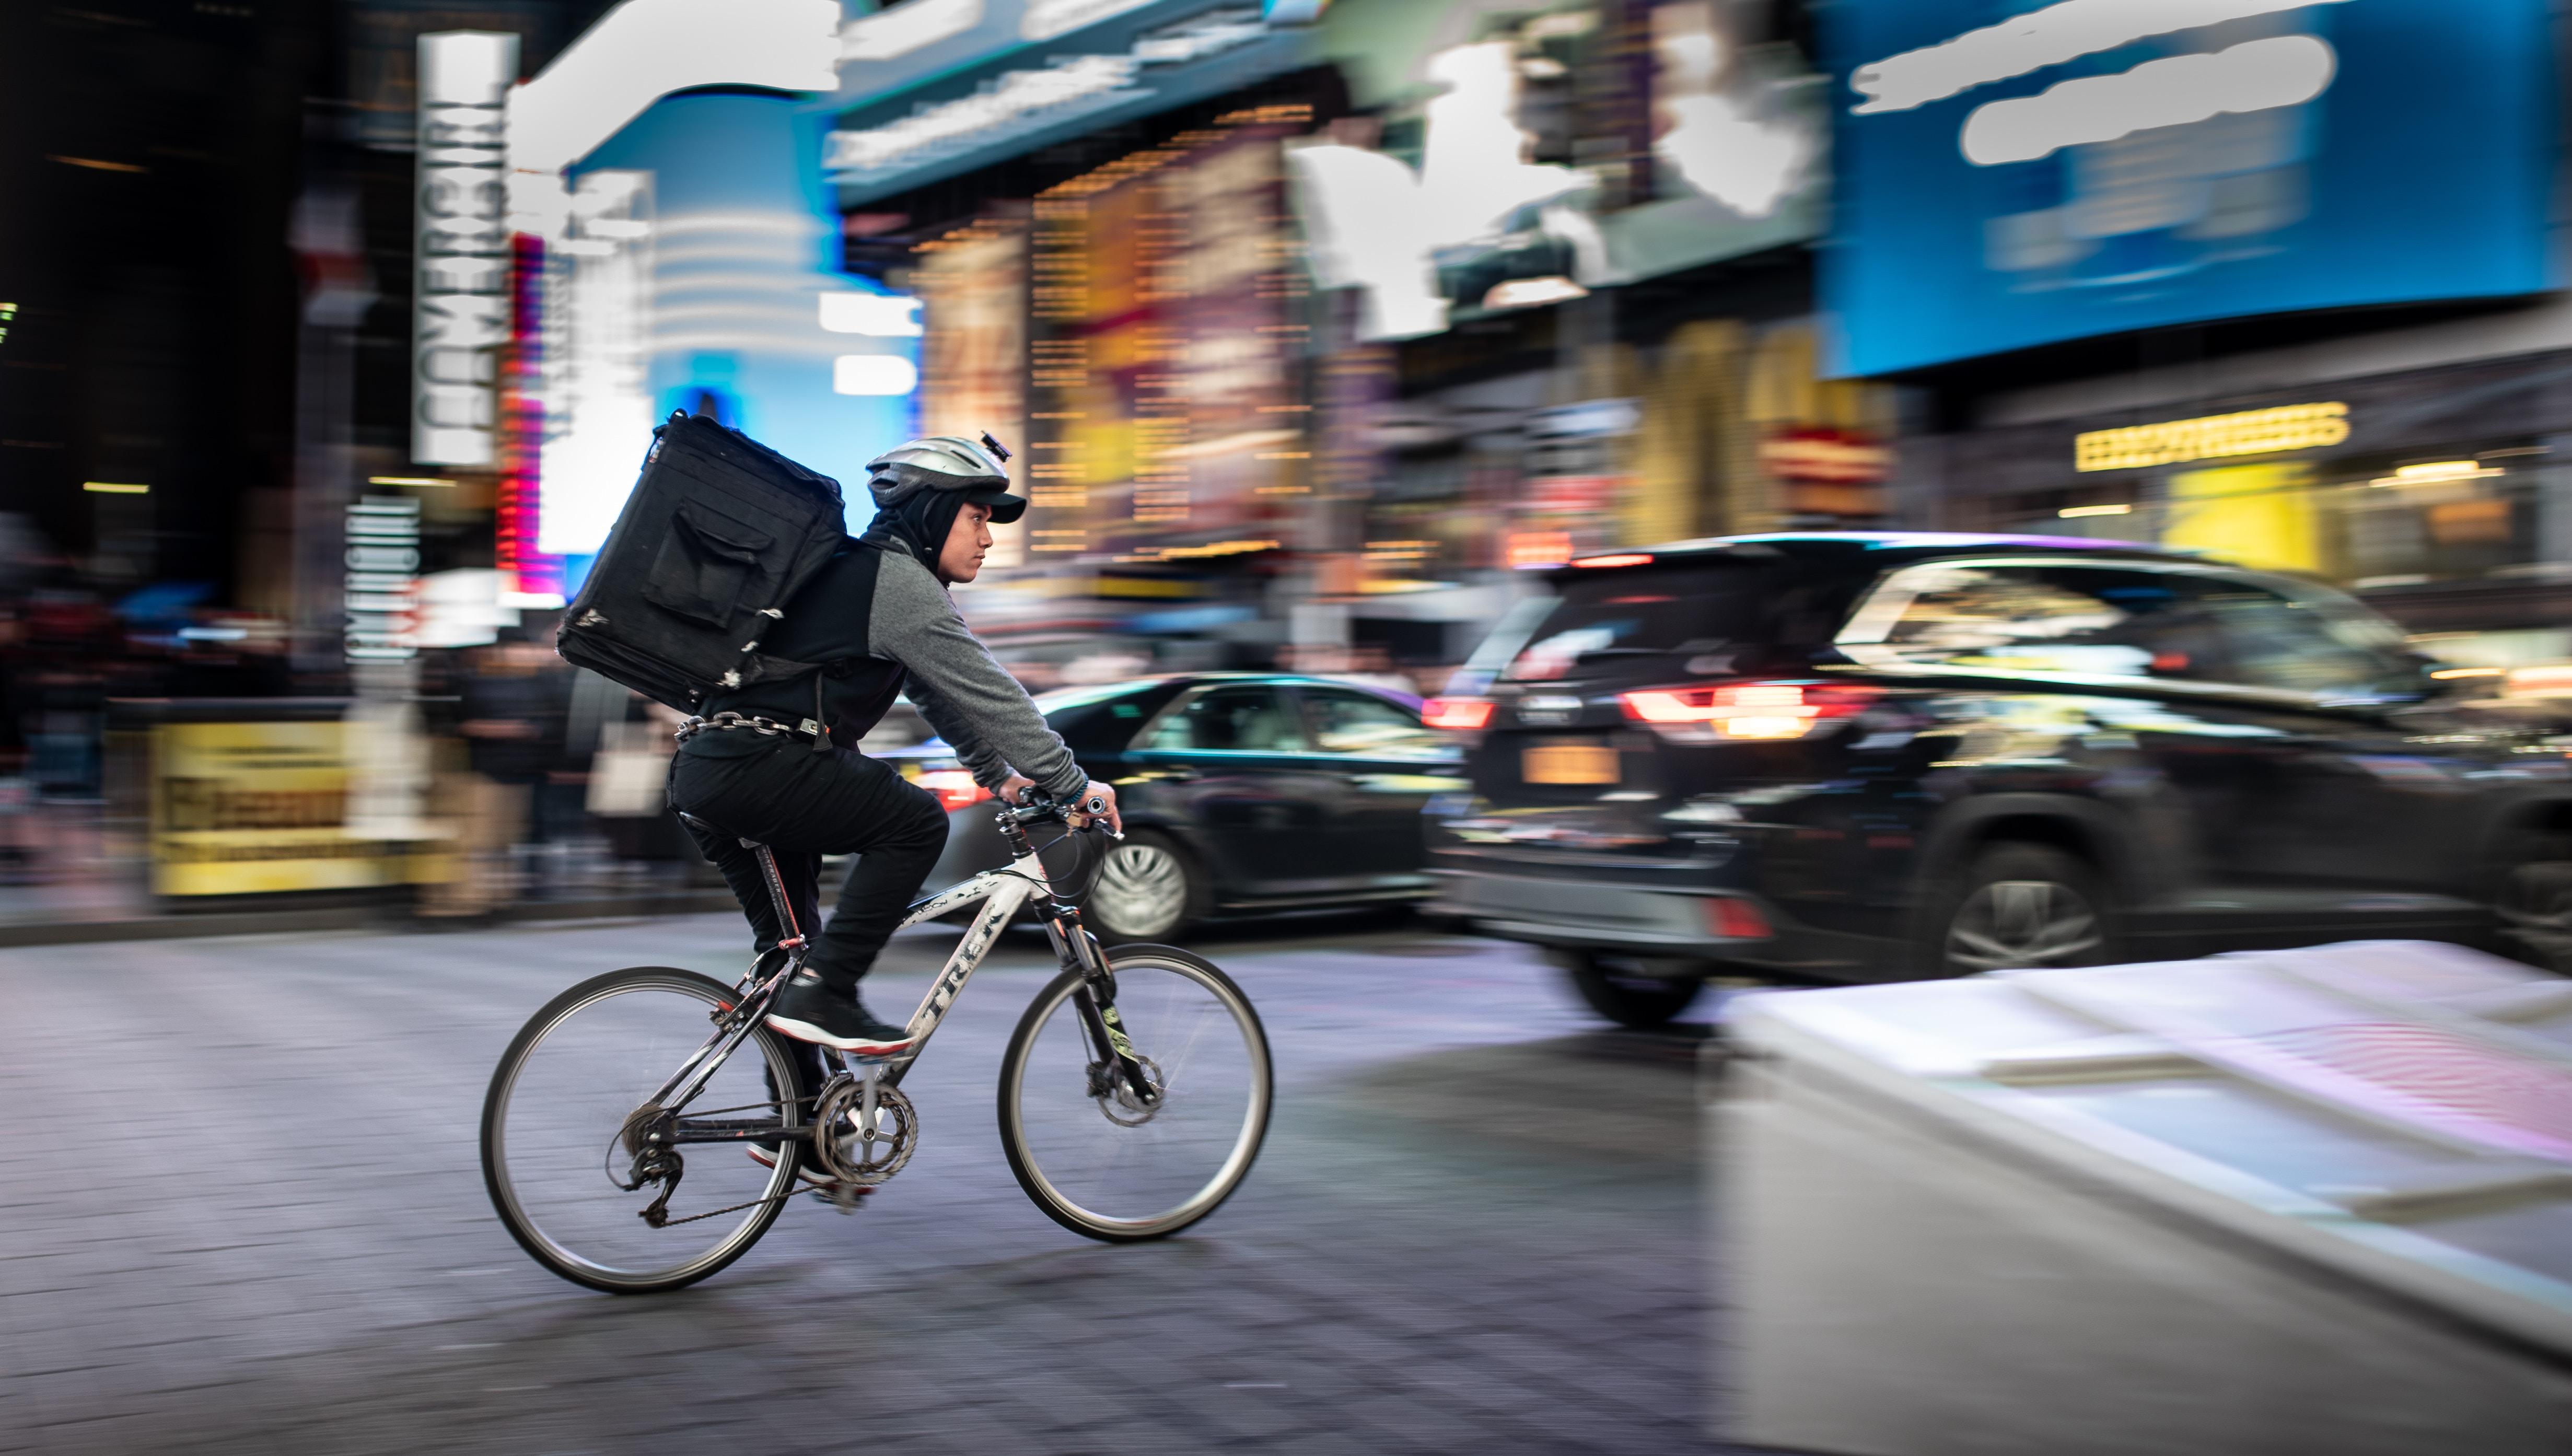 Nebenjob als Fahrradkurier